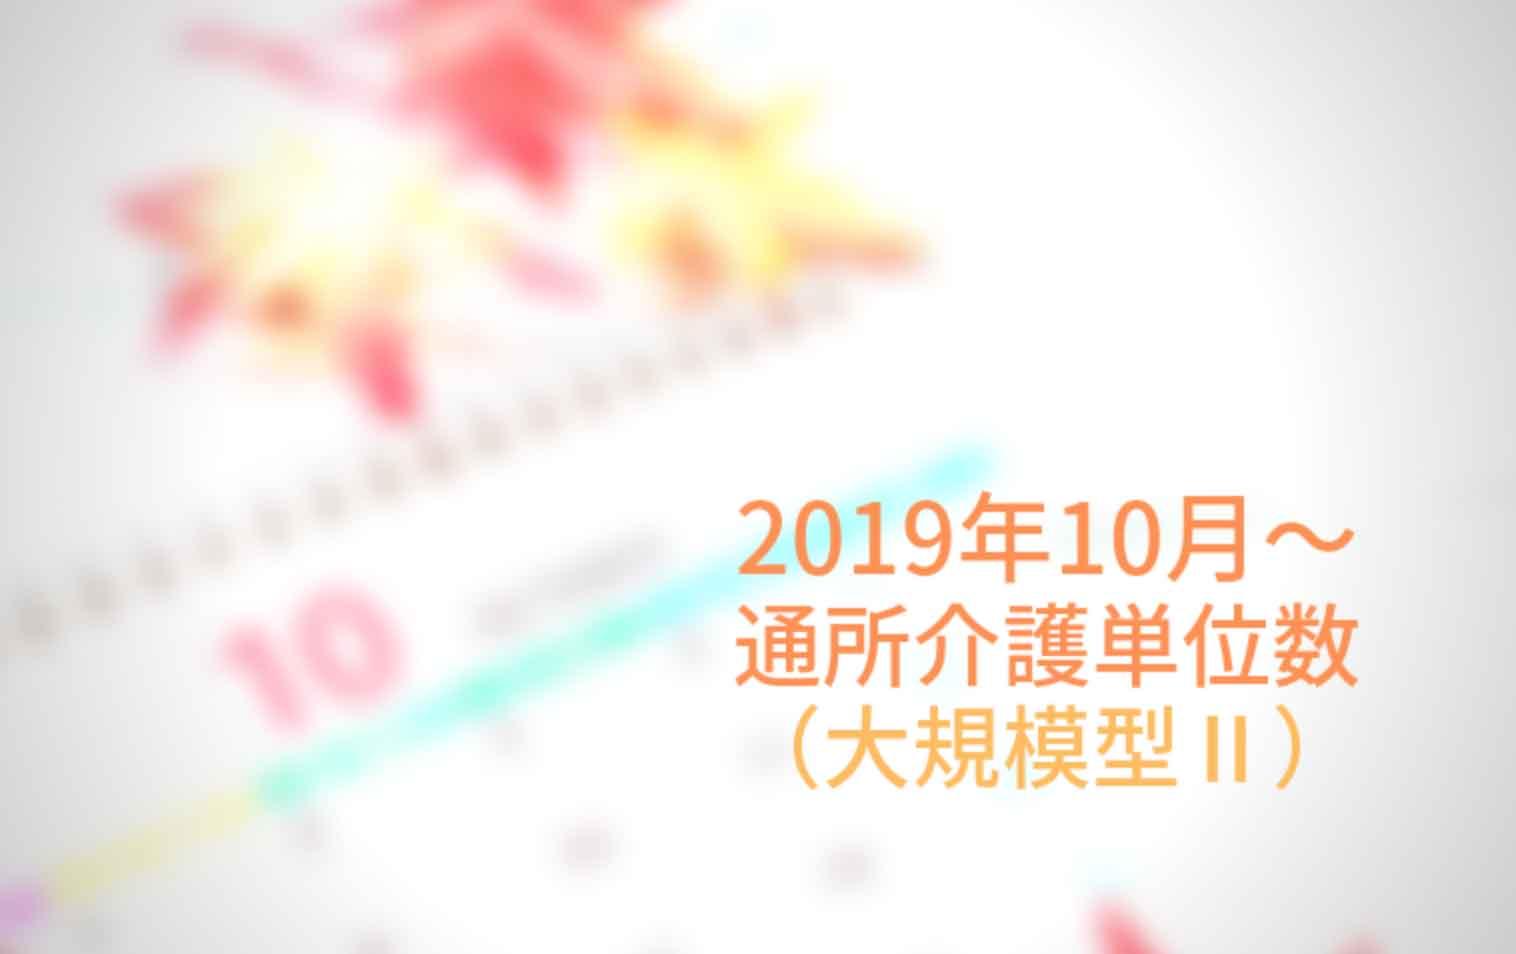 【2019年/令和1年10月介護報酬改定版】通所介護(大規模型 Ⅱ )単位数一覧 早見表